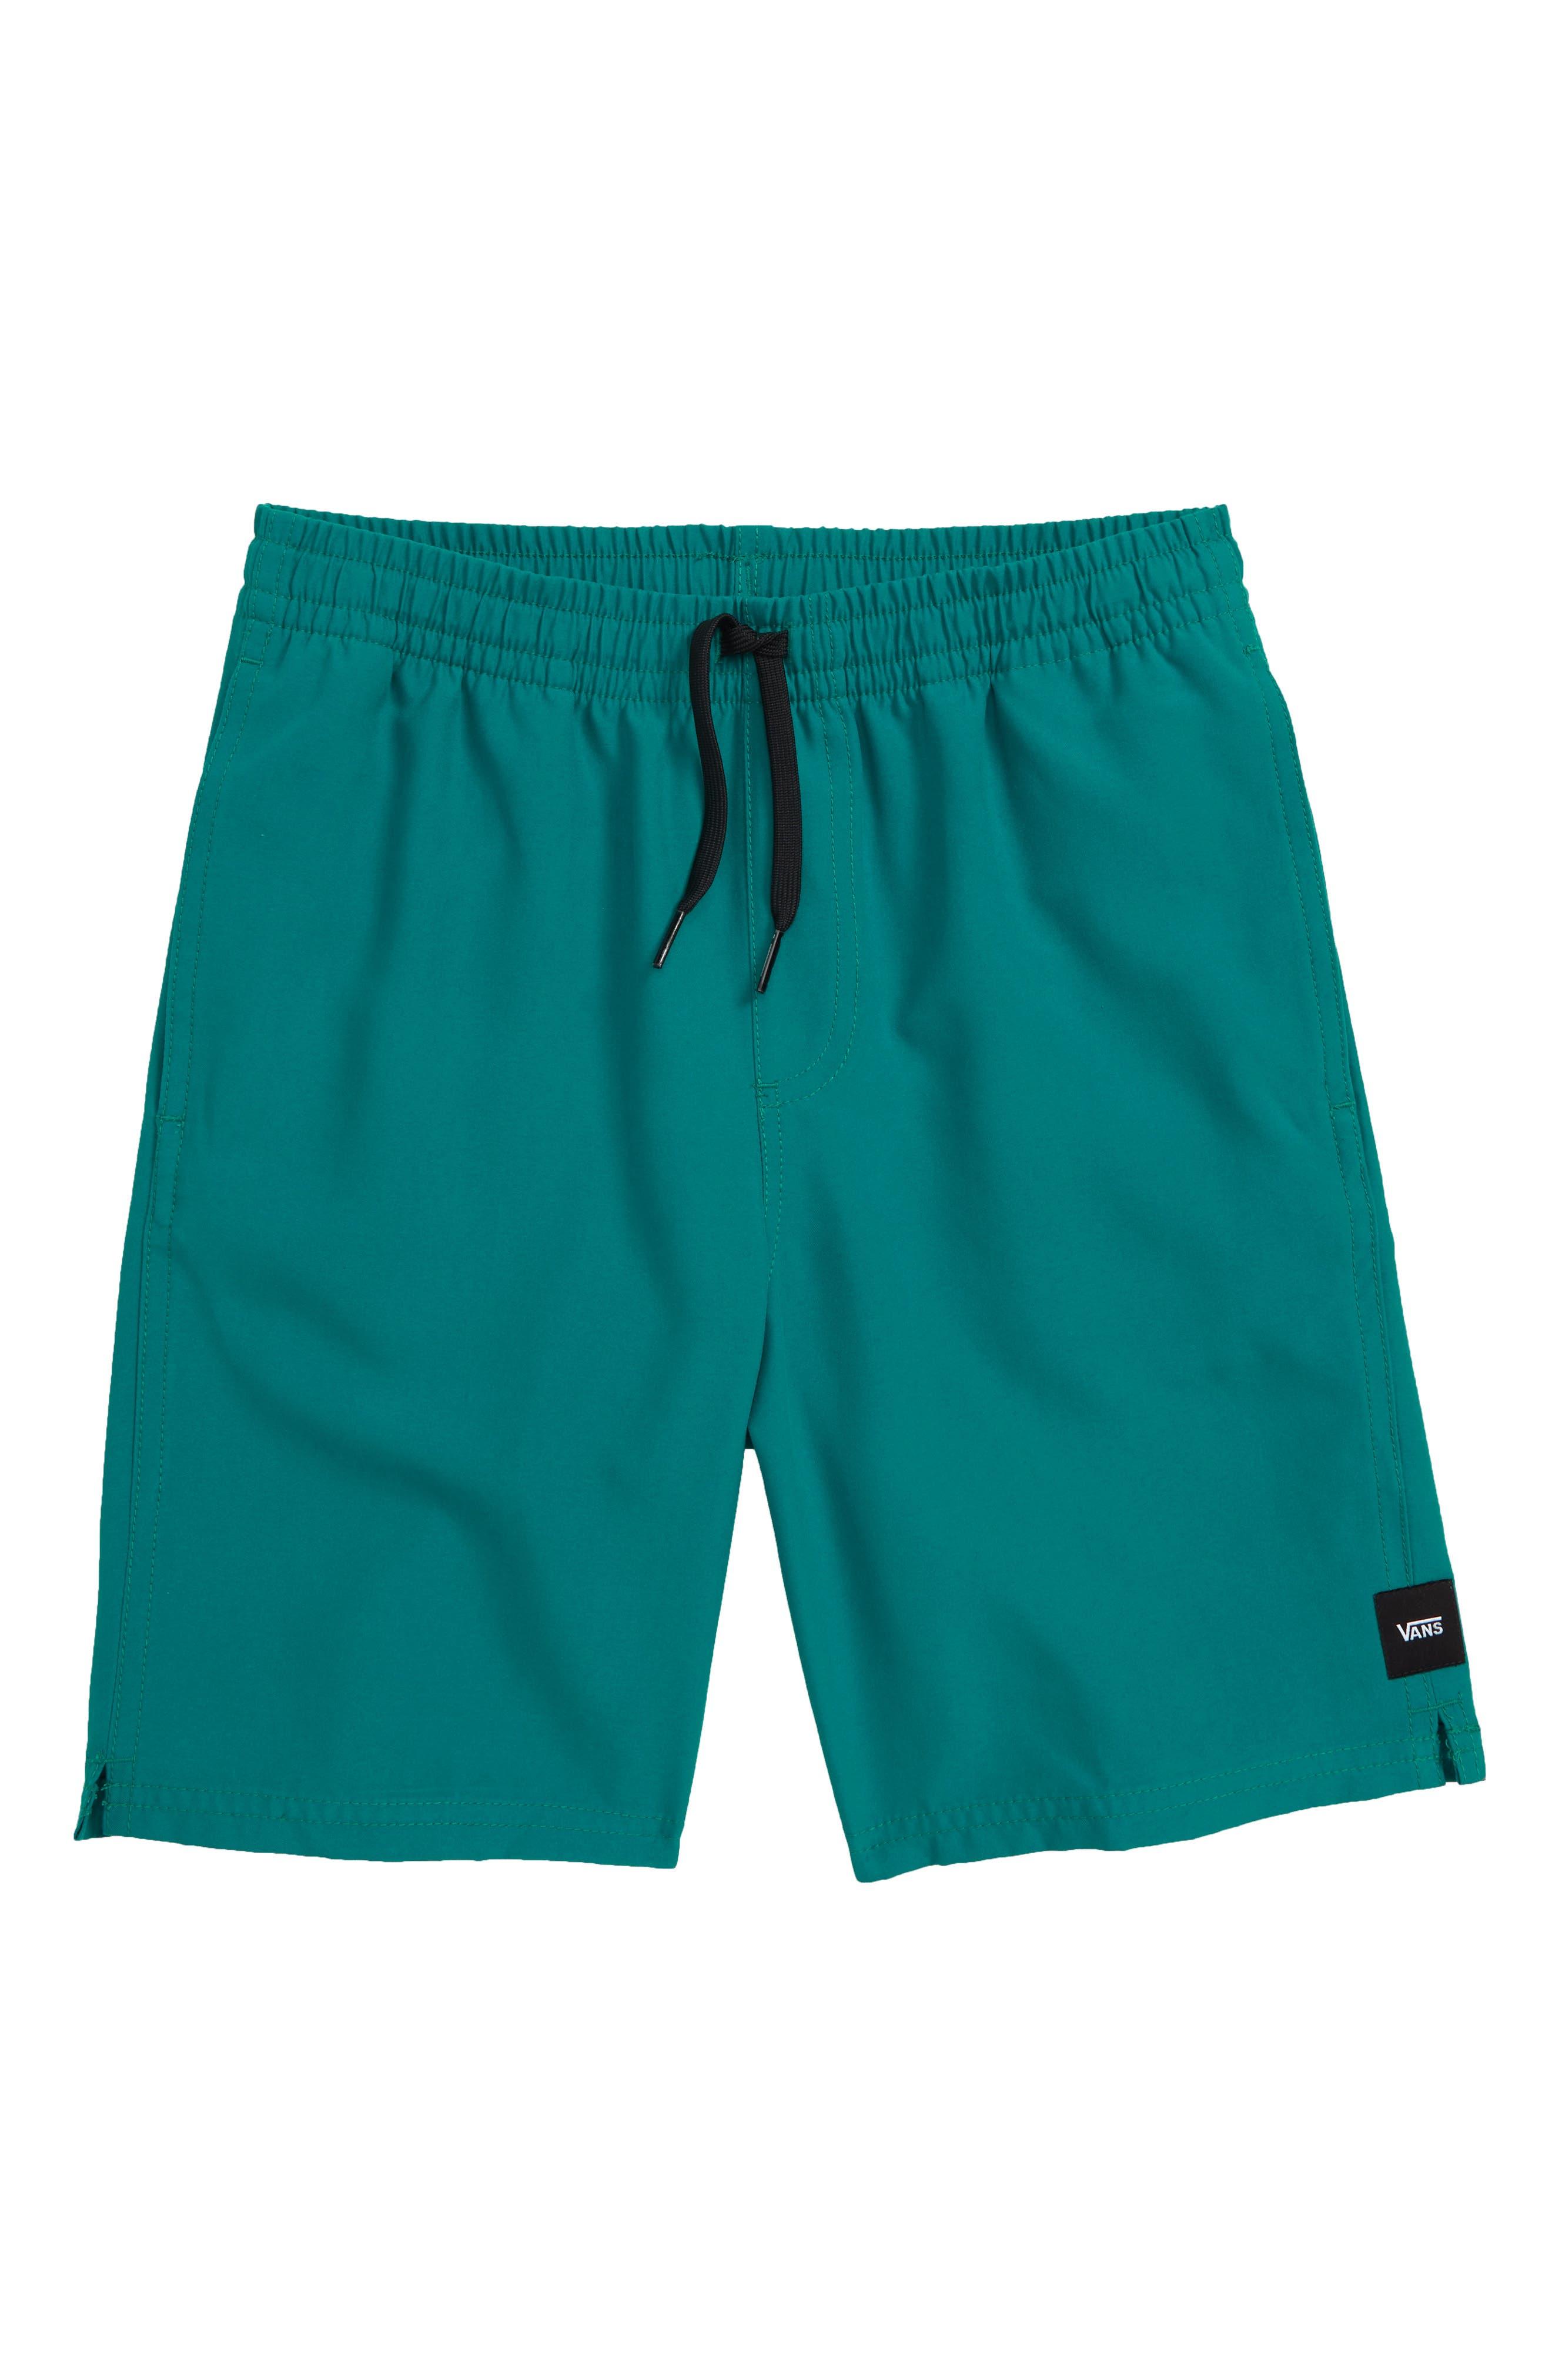 VANS Primary Decksider Volley Shorts, Main, color, QUETZAL